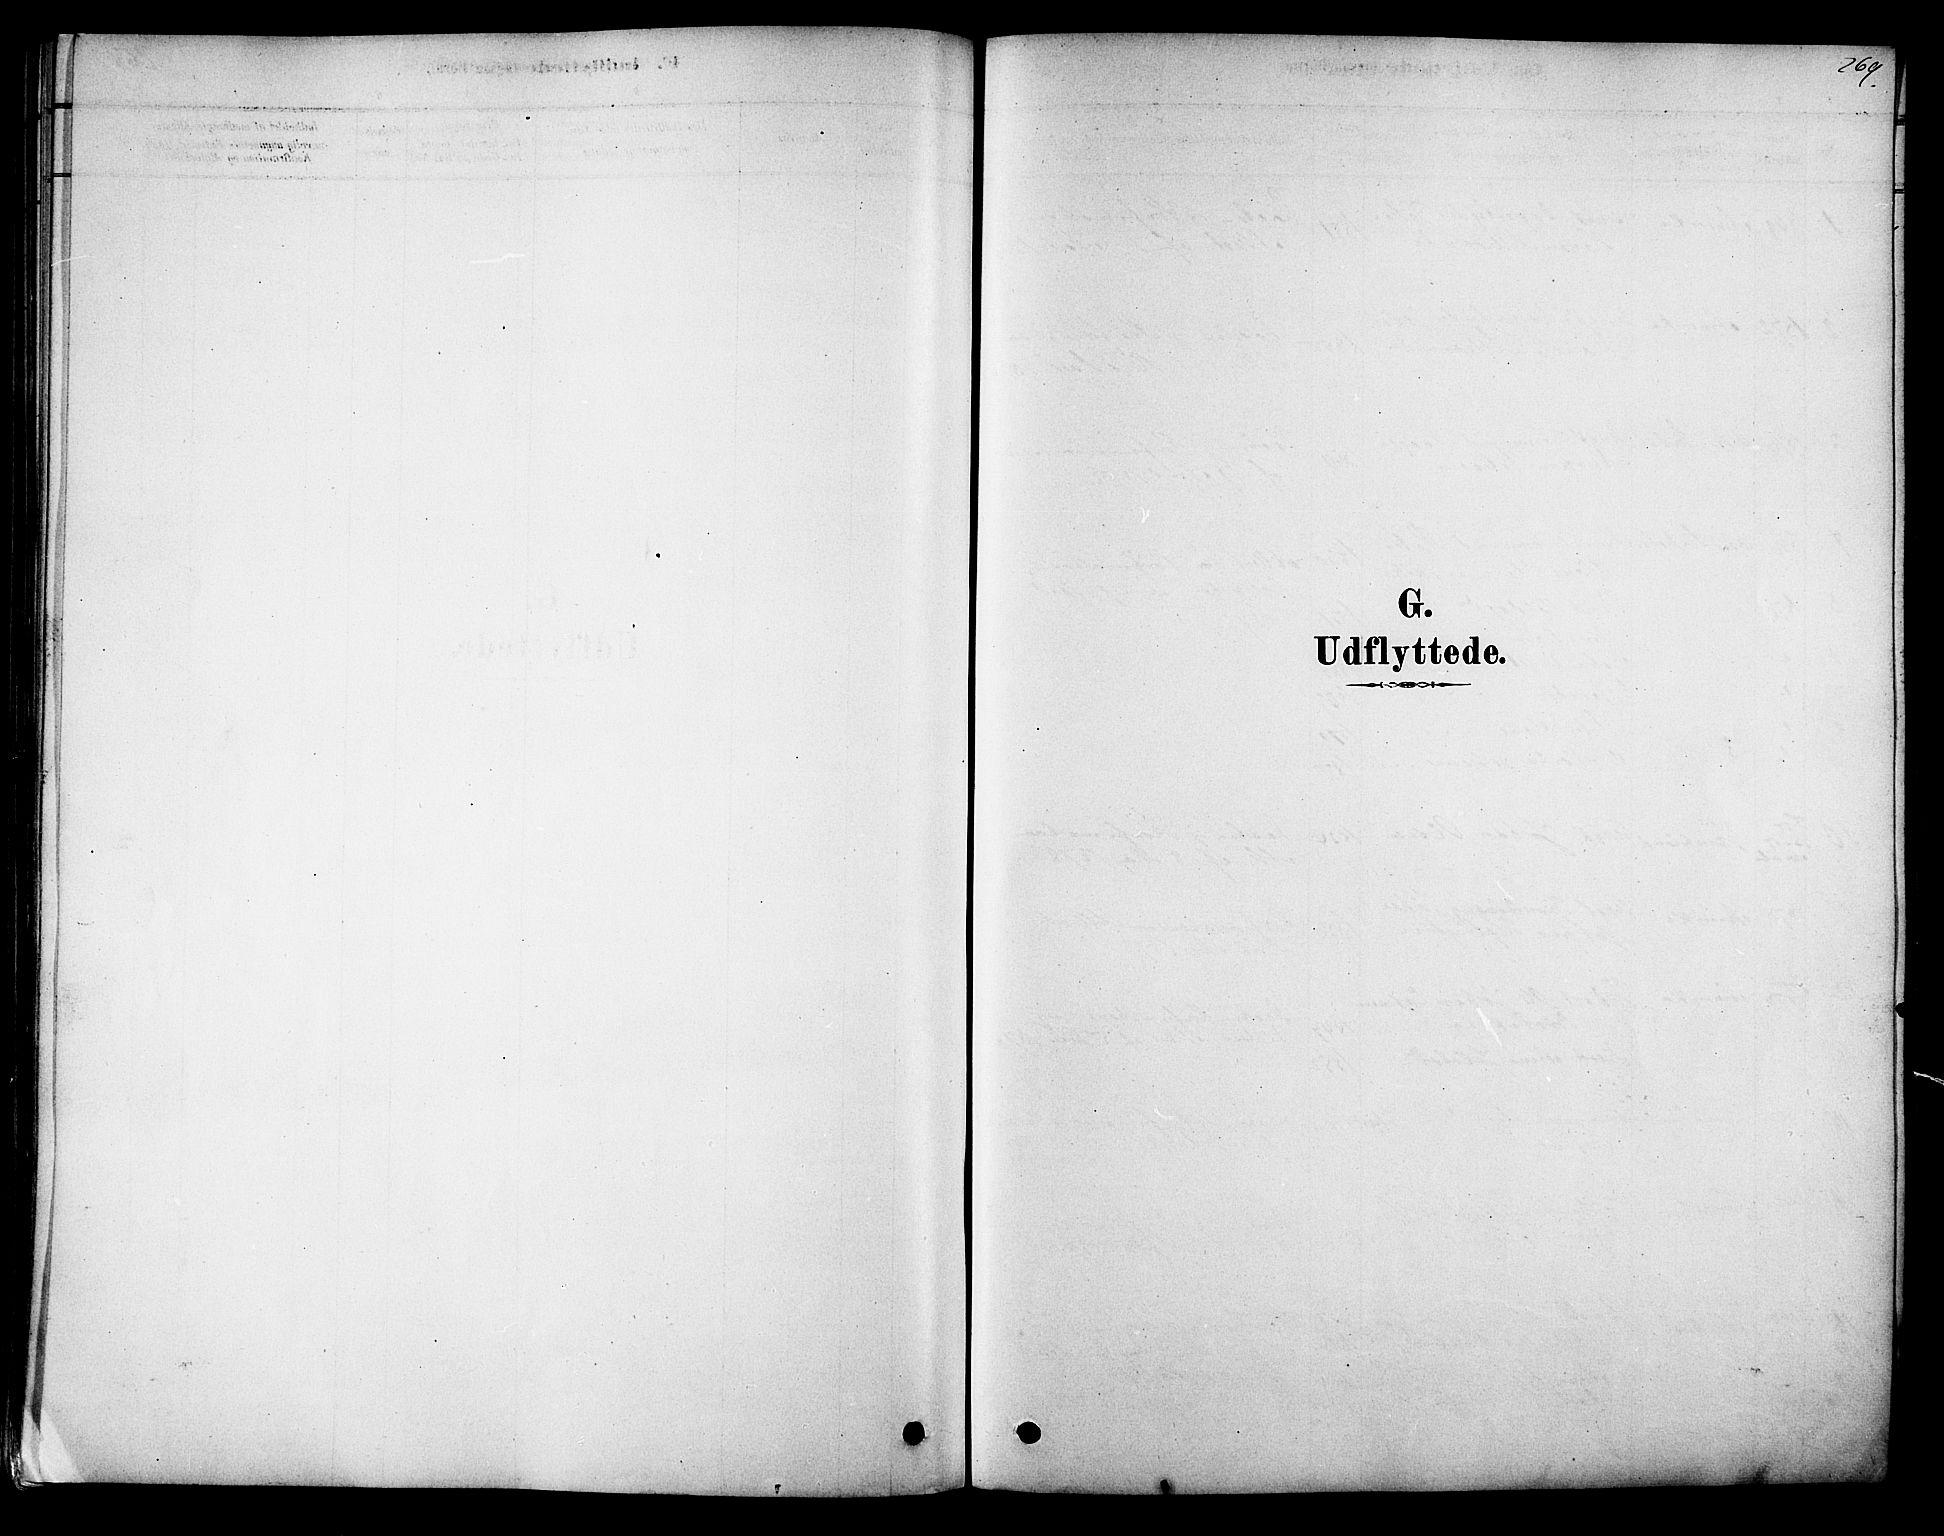 SAT, Ministerialprotokoller, klokkerbøker og fødselsregistre - Sør-Trøndelag, 616/L0410: Ministerialbok nr. 616A07, 1878-1893, s. 269